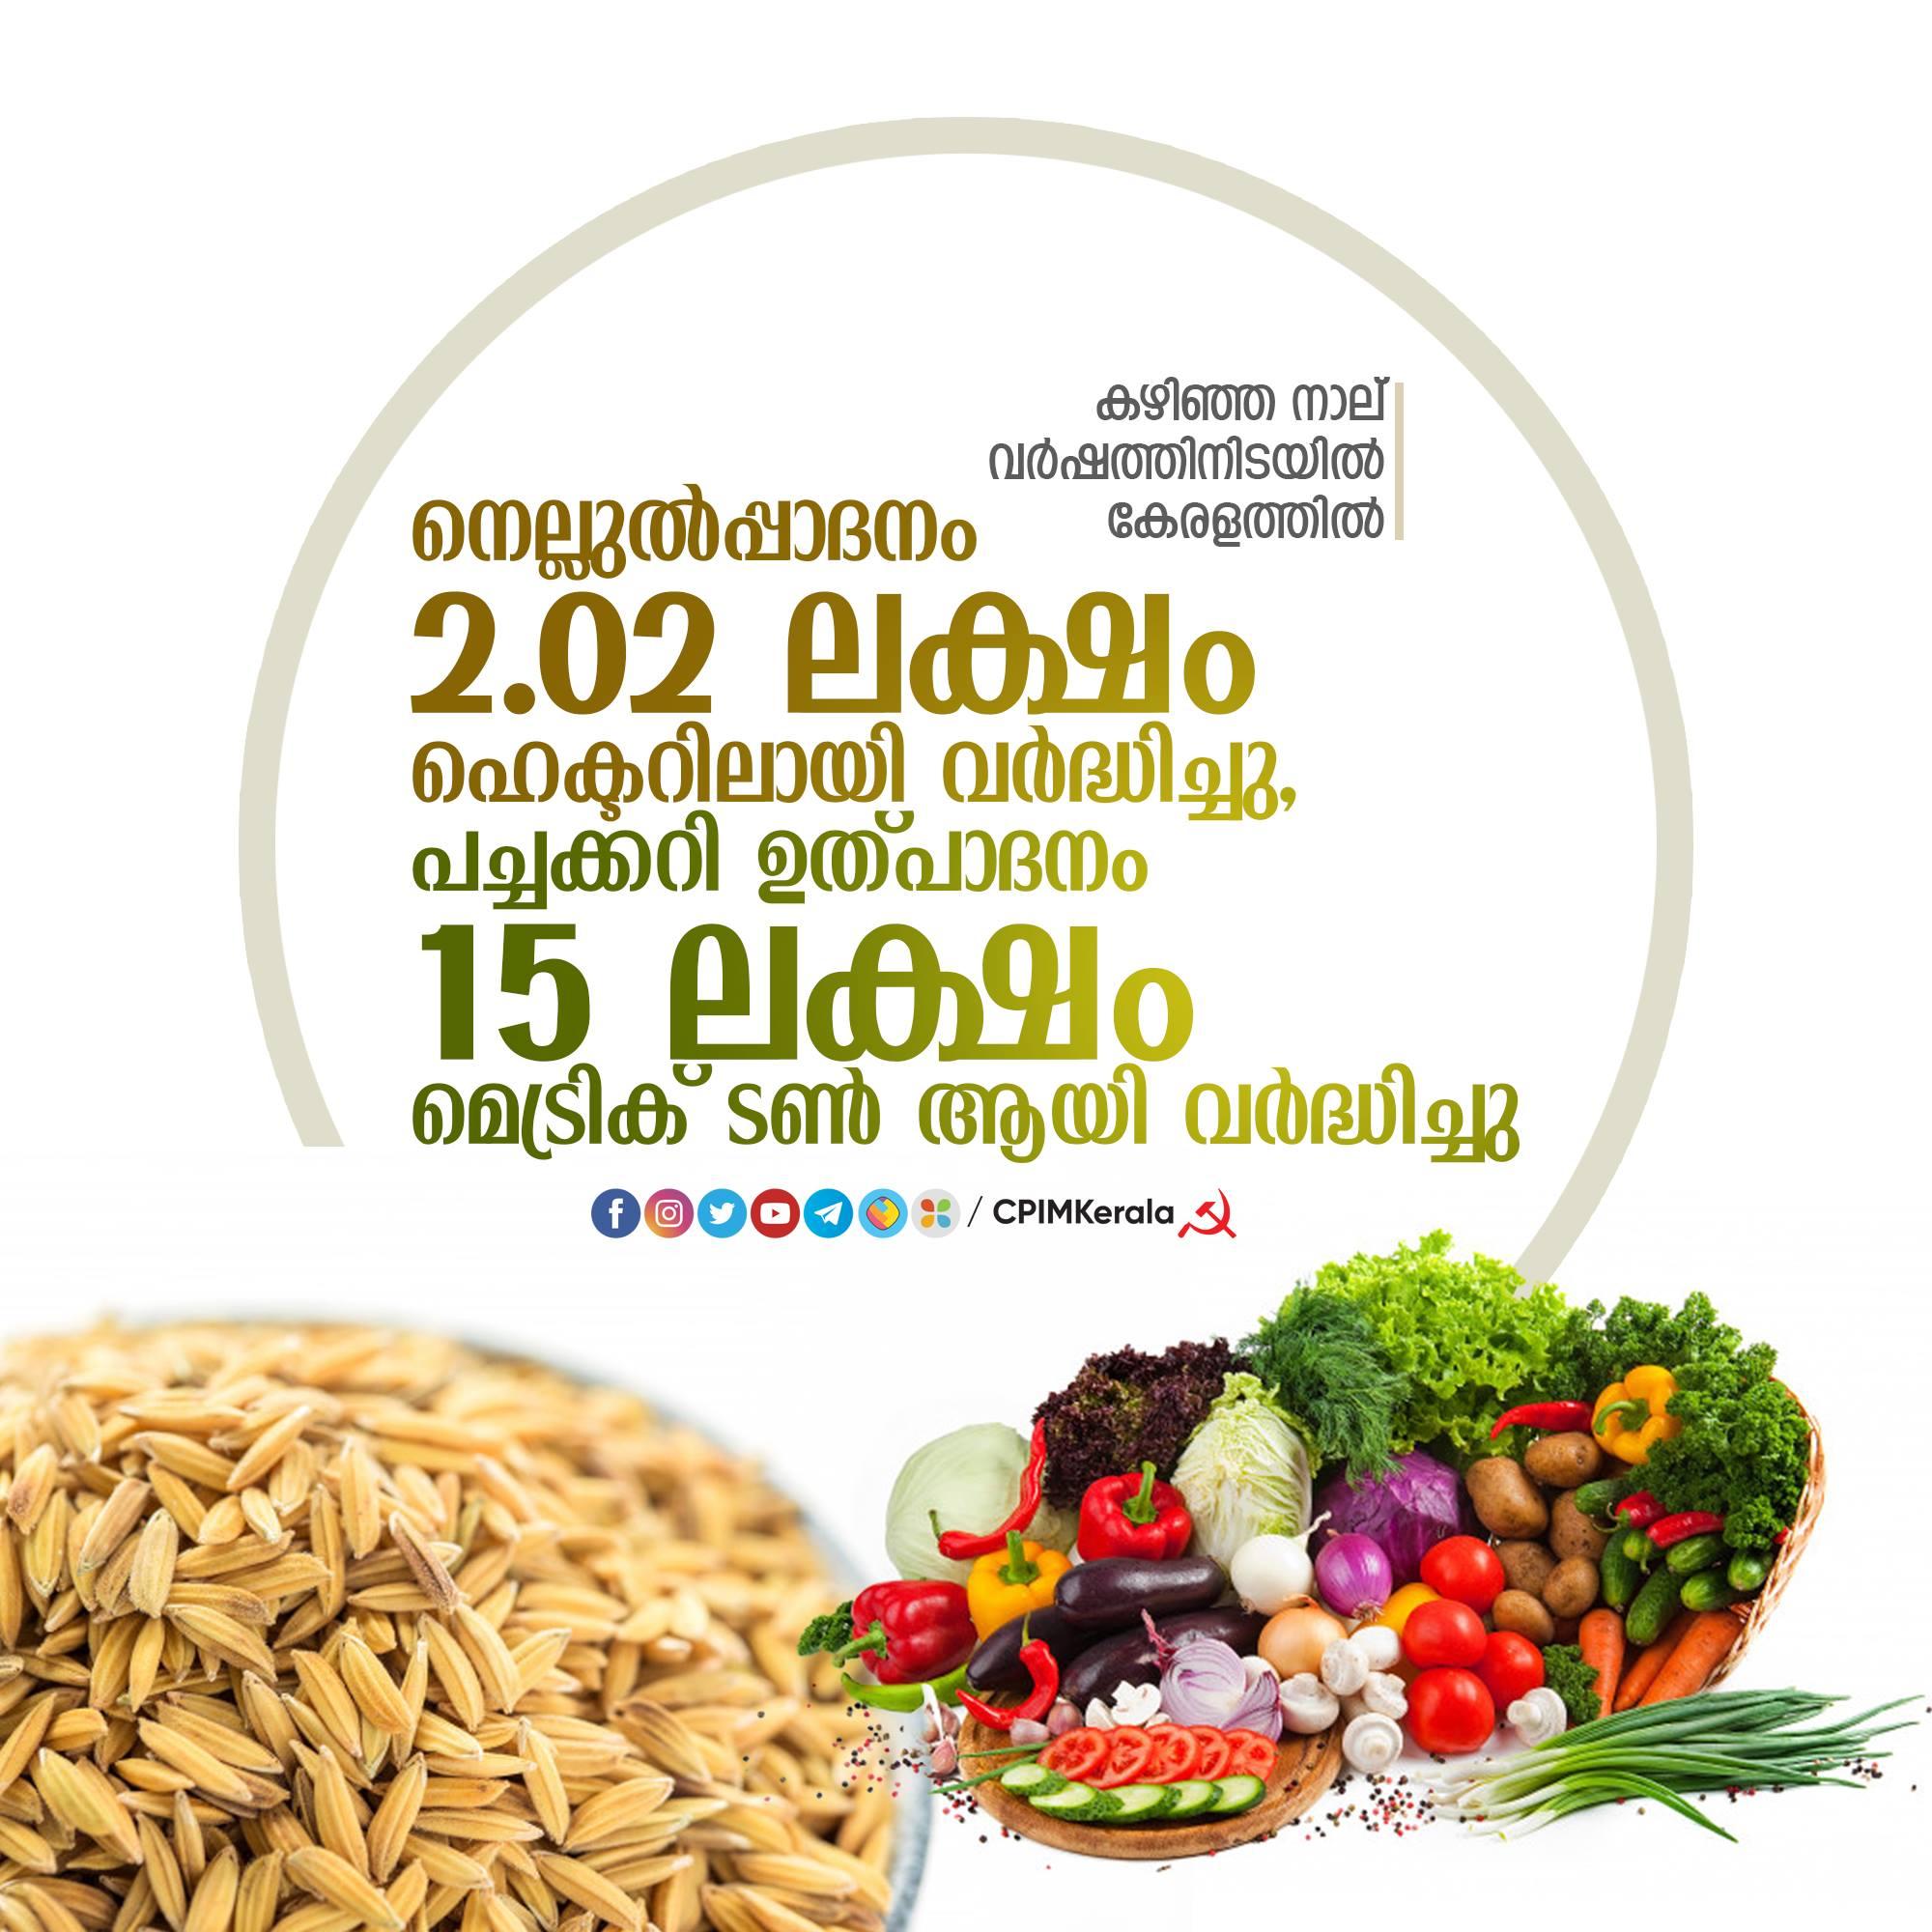 Le Kerala est en train de gagner la bataille de l'autosuffisance alimentaire